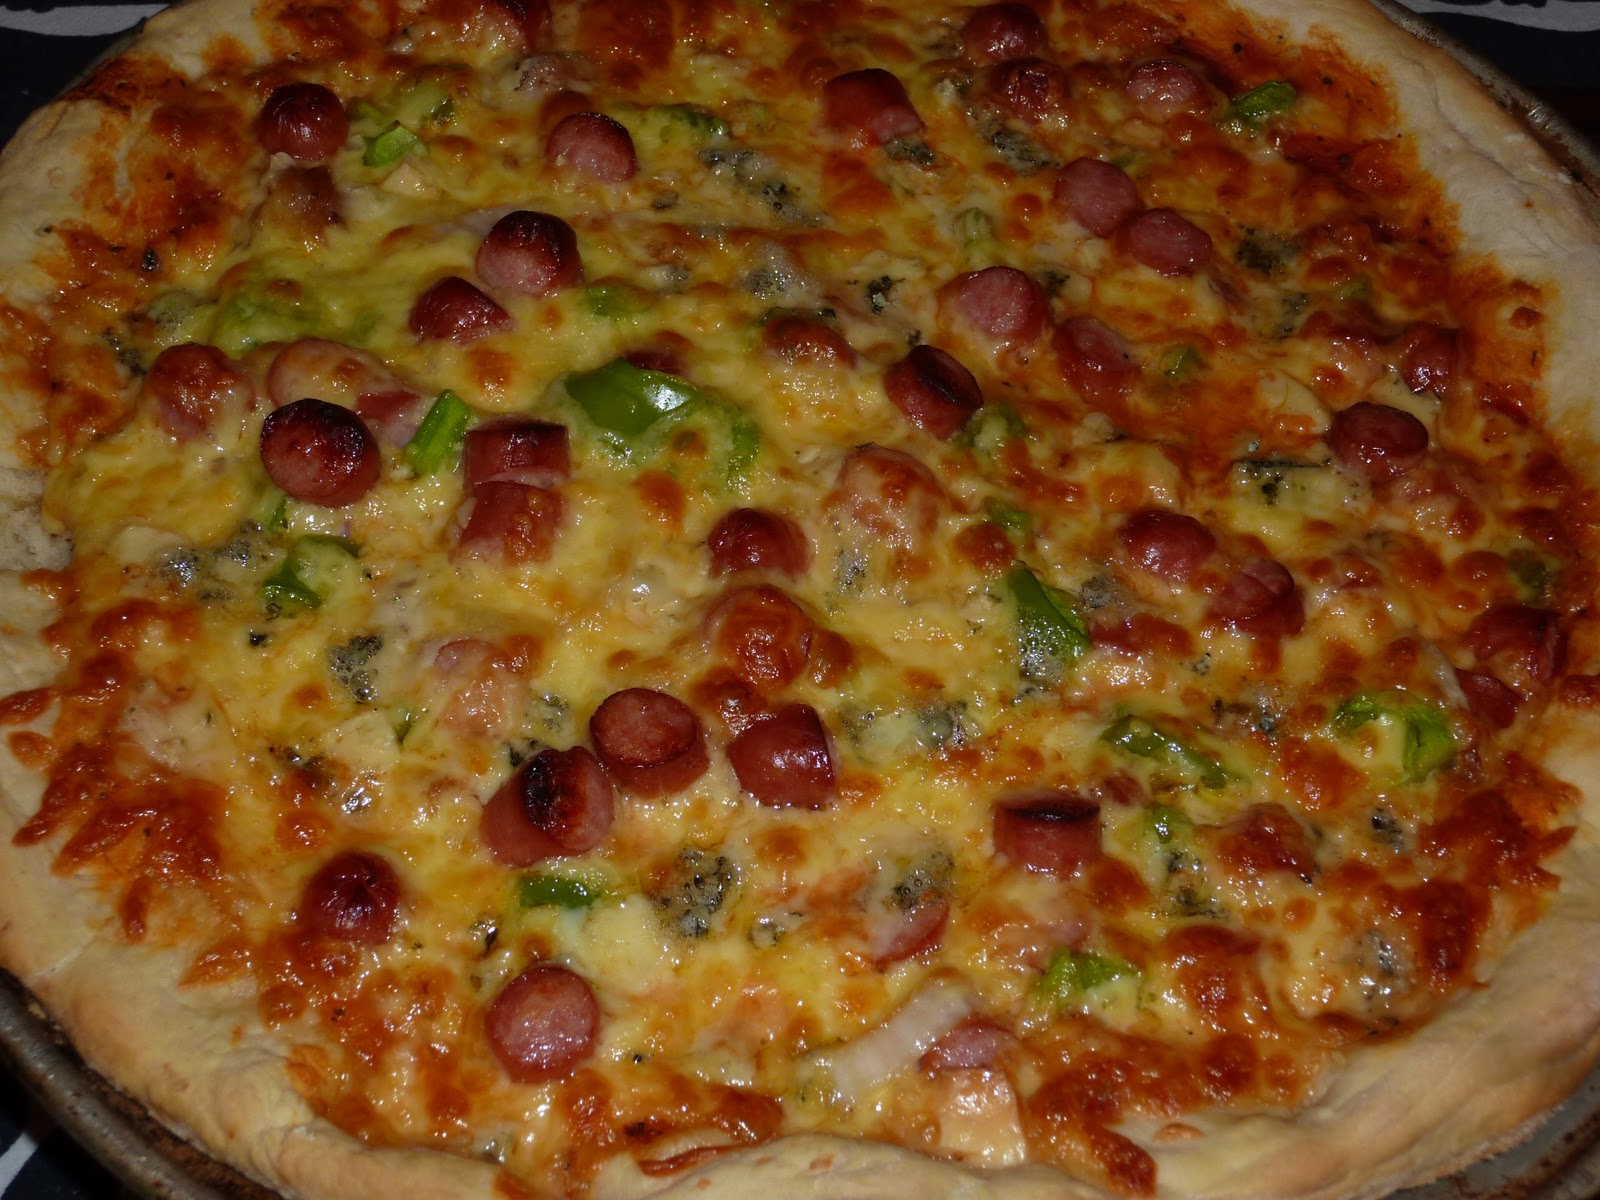 En la sobremesa de María: Pizza casera y bollitos rellenos de queso